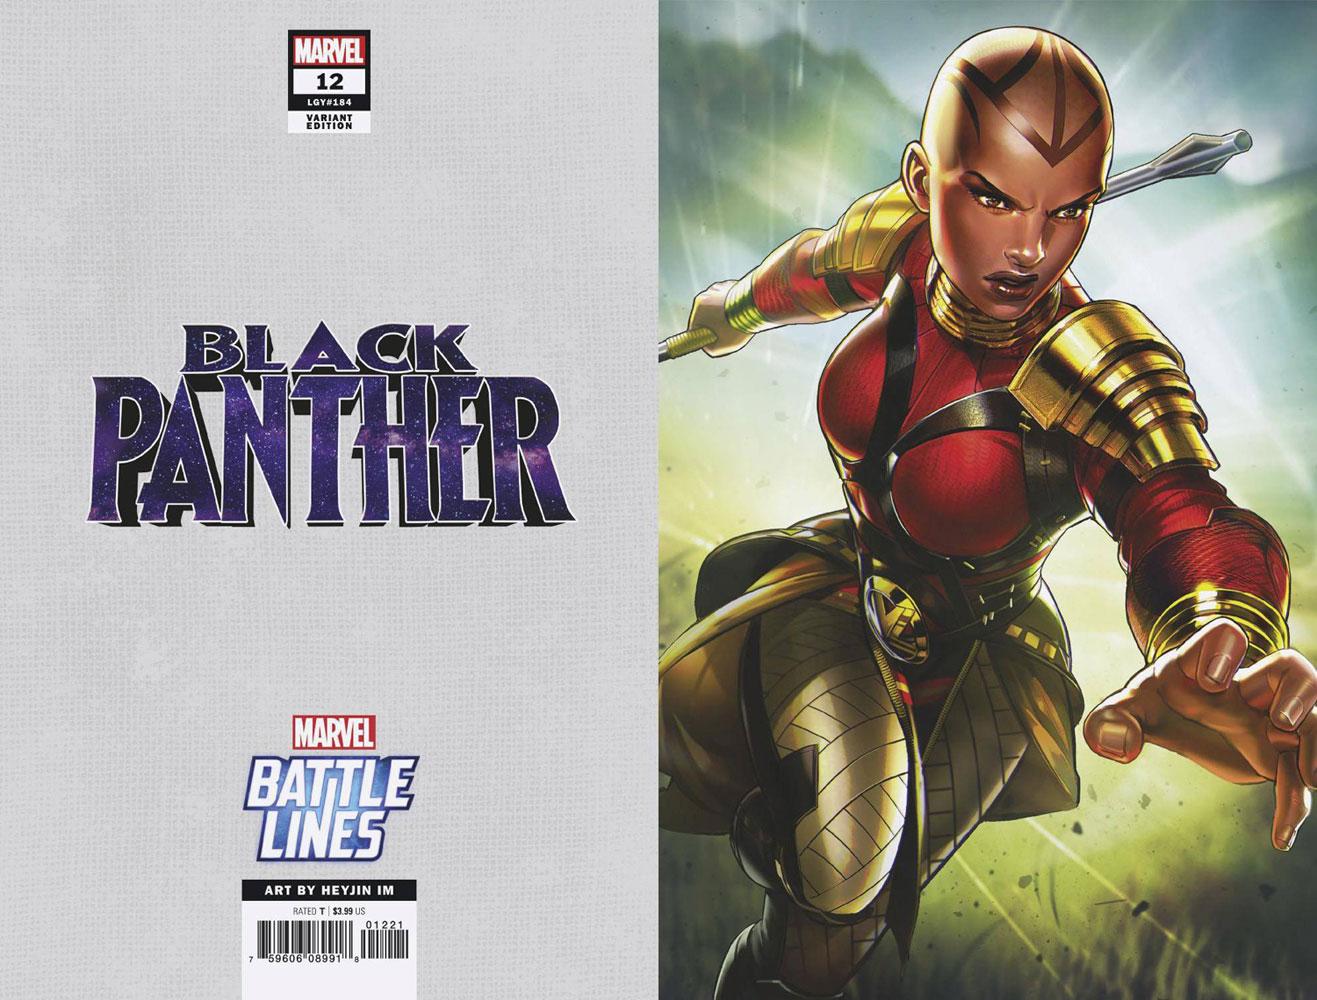 Black Panther #12 (variant Marvel Battle Lines cover - Heyjin Im) - Marvel Comics